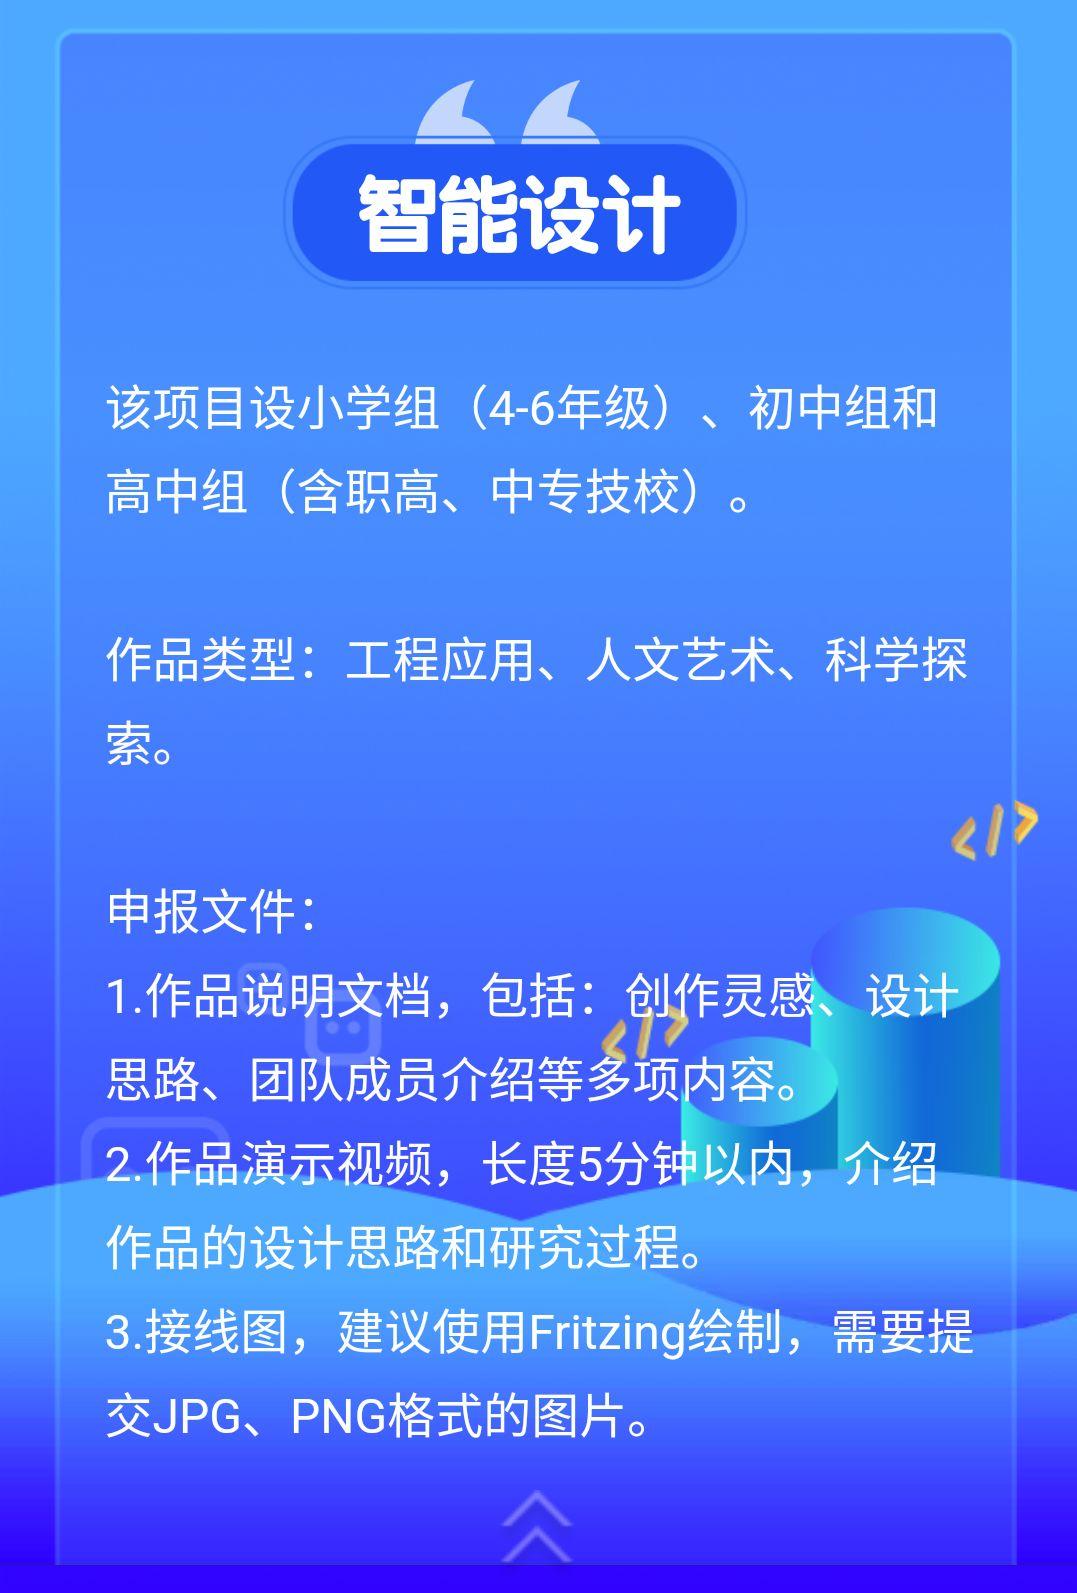 【参赛规则】《2018年浙江省中小学信息技术创作大赛》开赛啦!